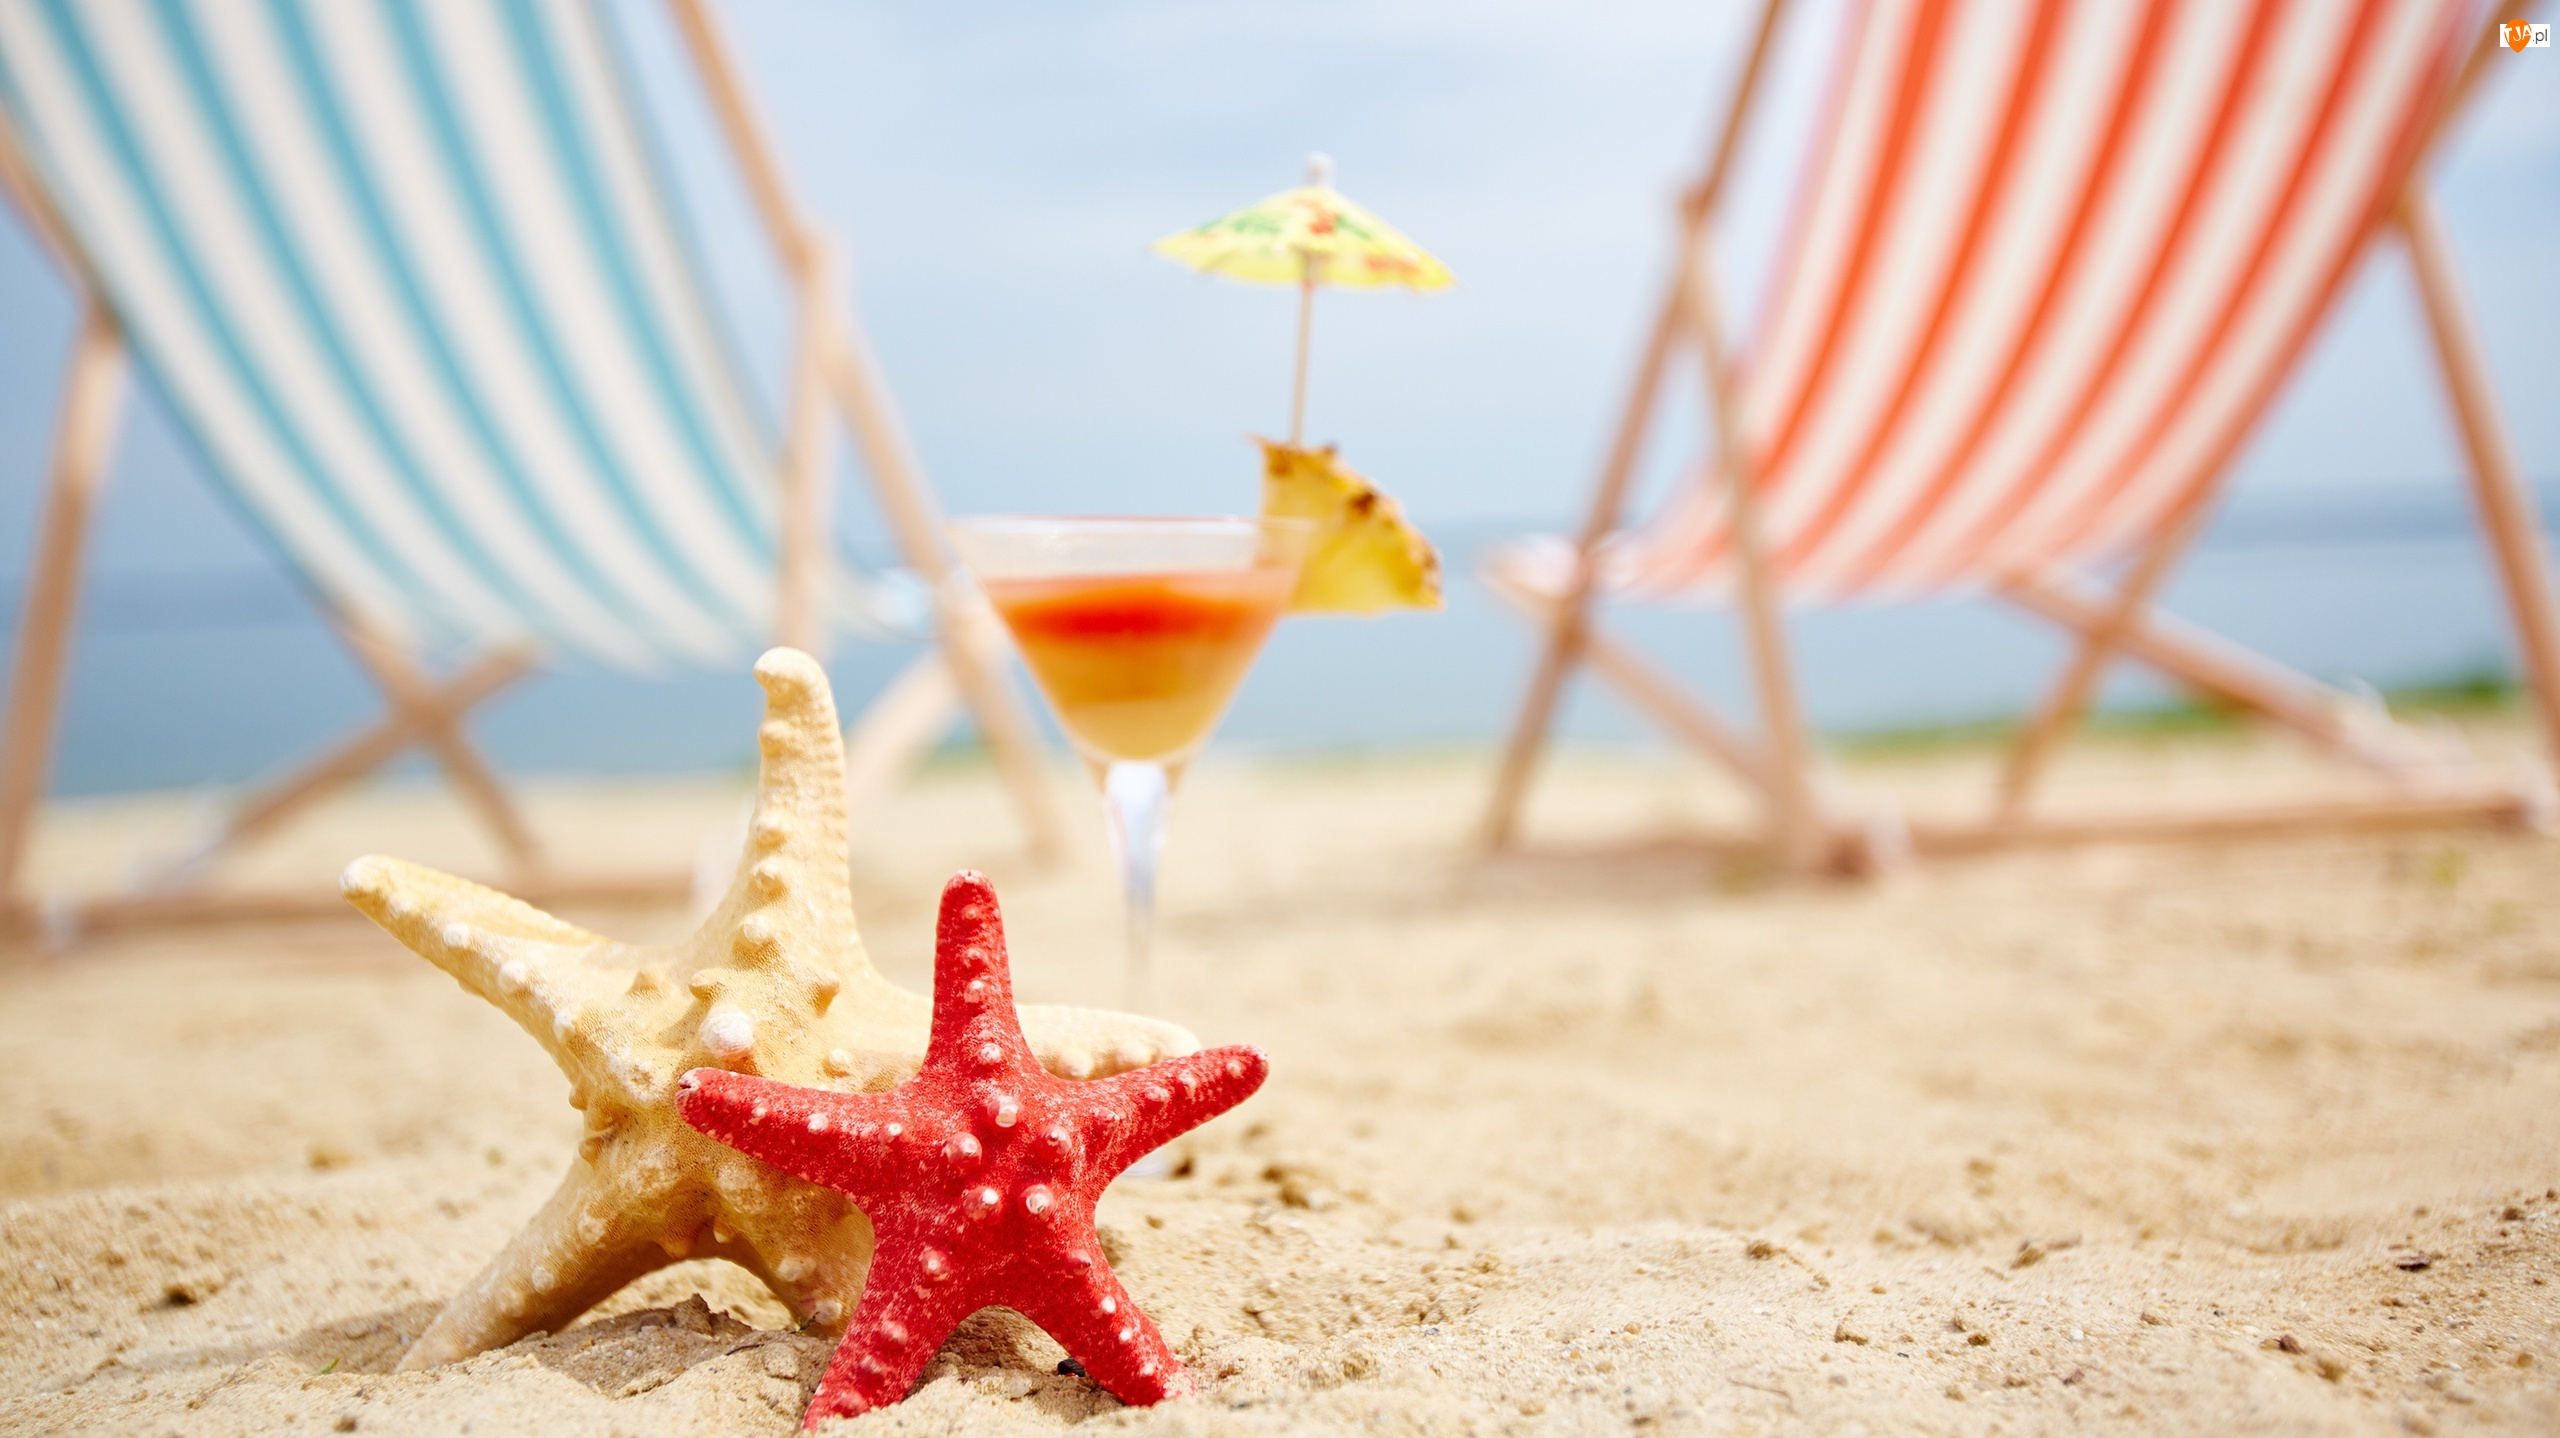 Leżaki, Plaża, Drink, Rozgwiazdy, Piasek